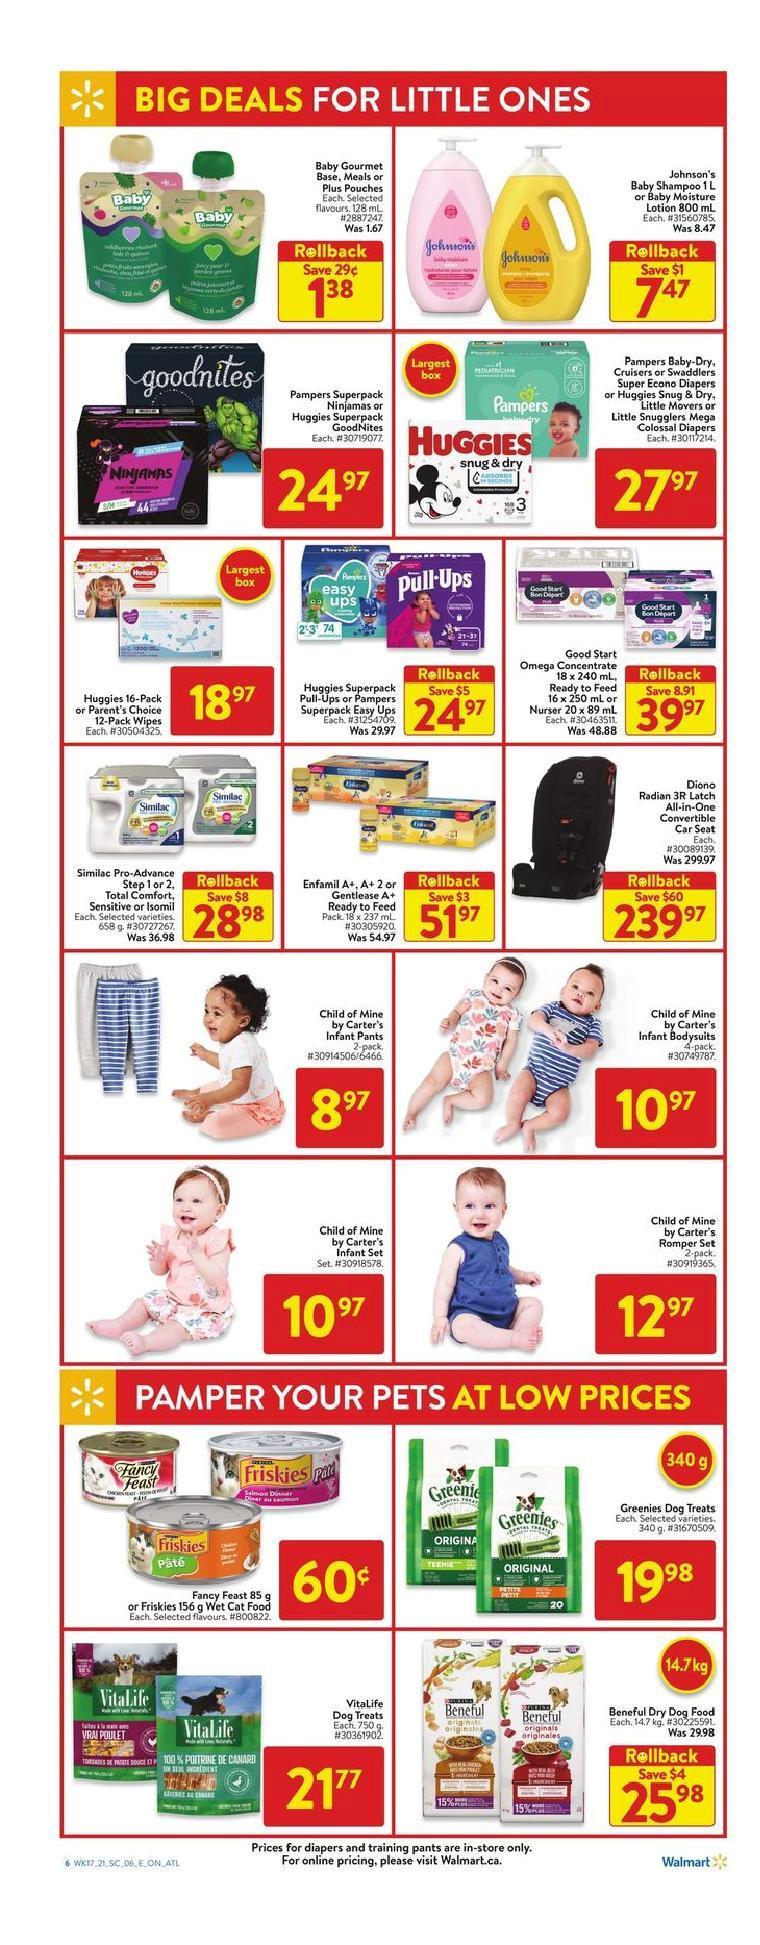 12 Walmart Supercentre Flyer May 20 May 26 2021